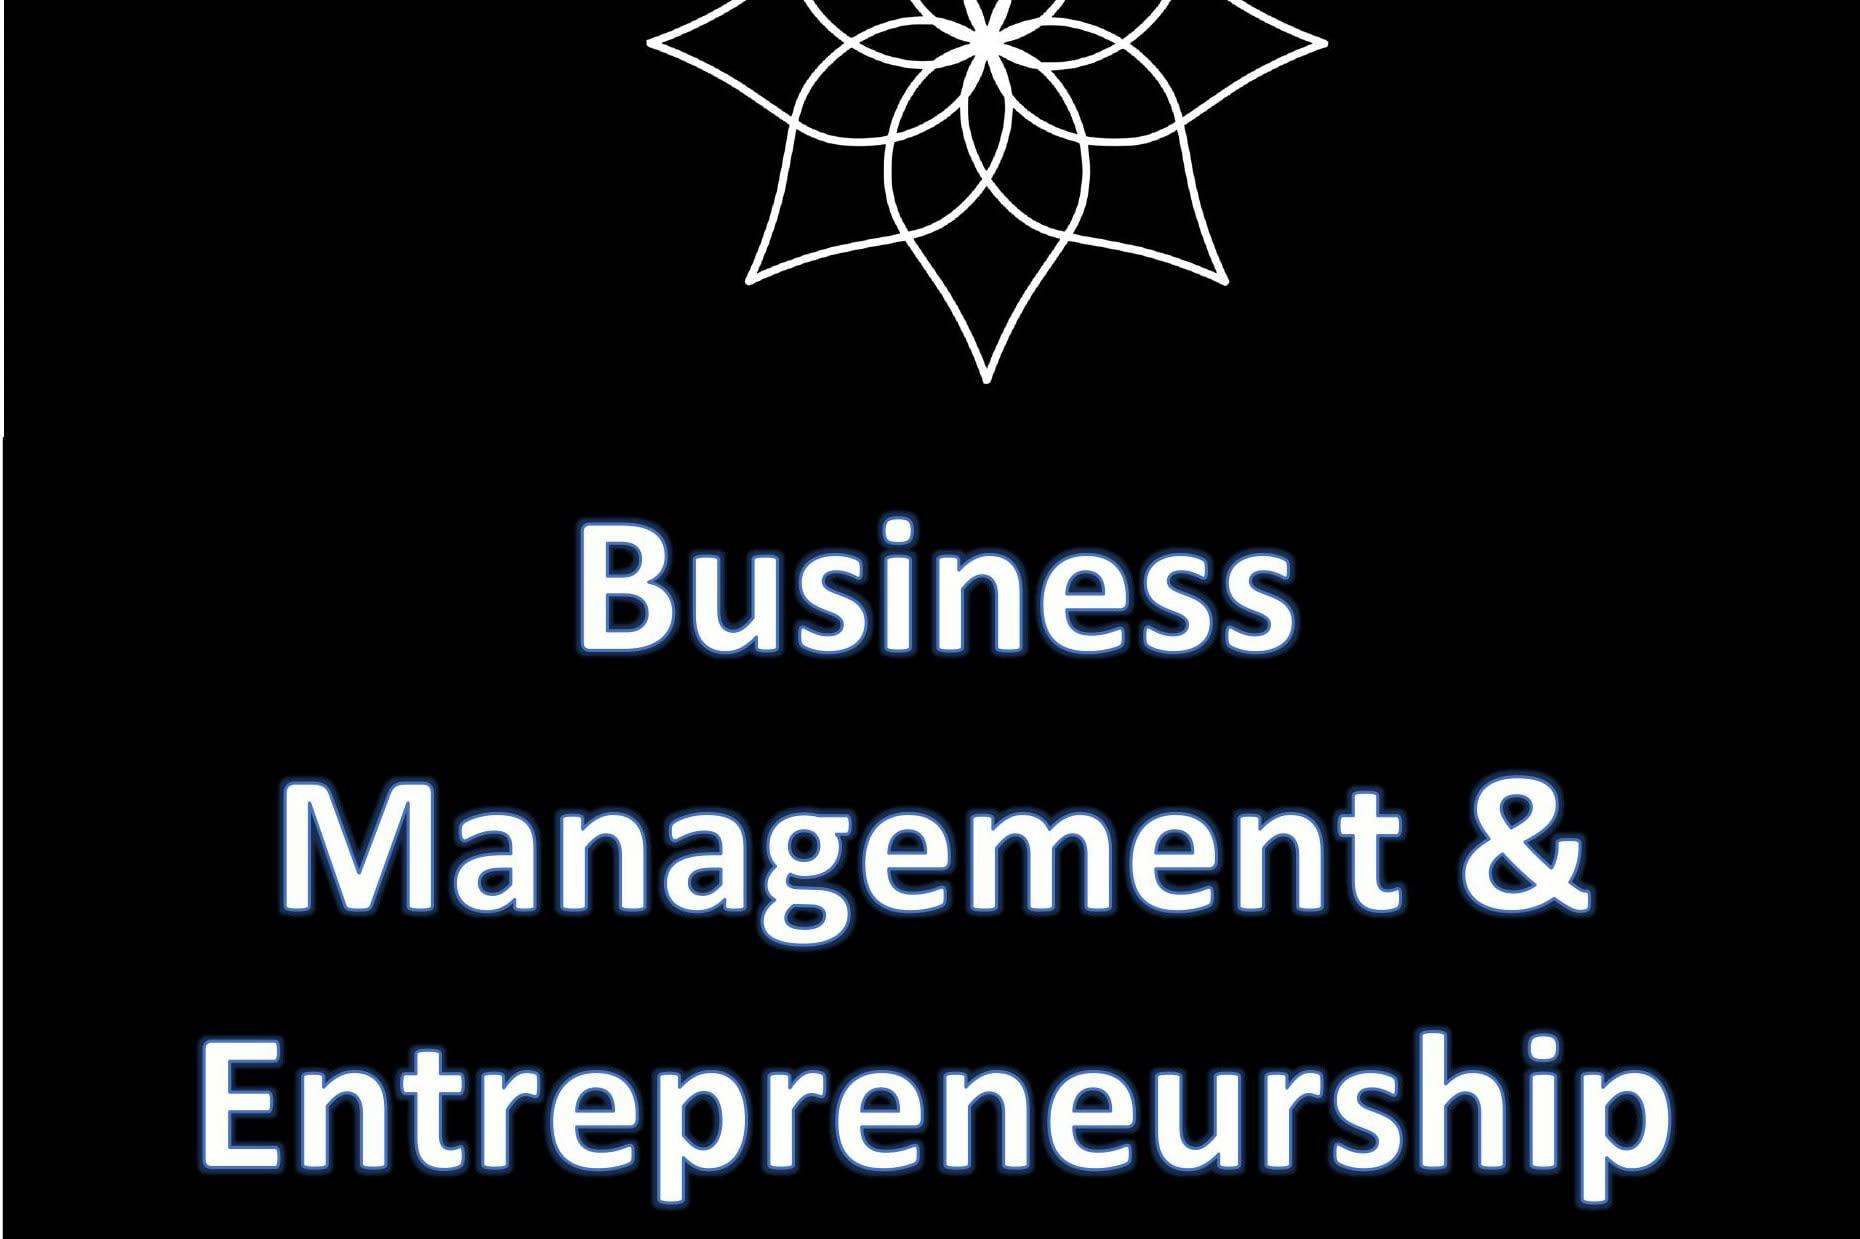 Portfolio for Business management & entrepreneurship